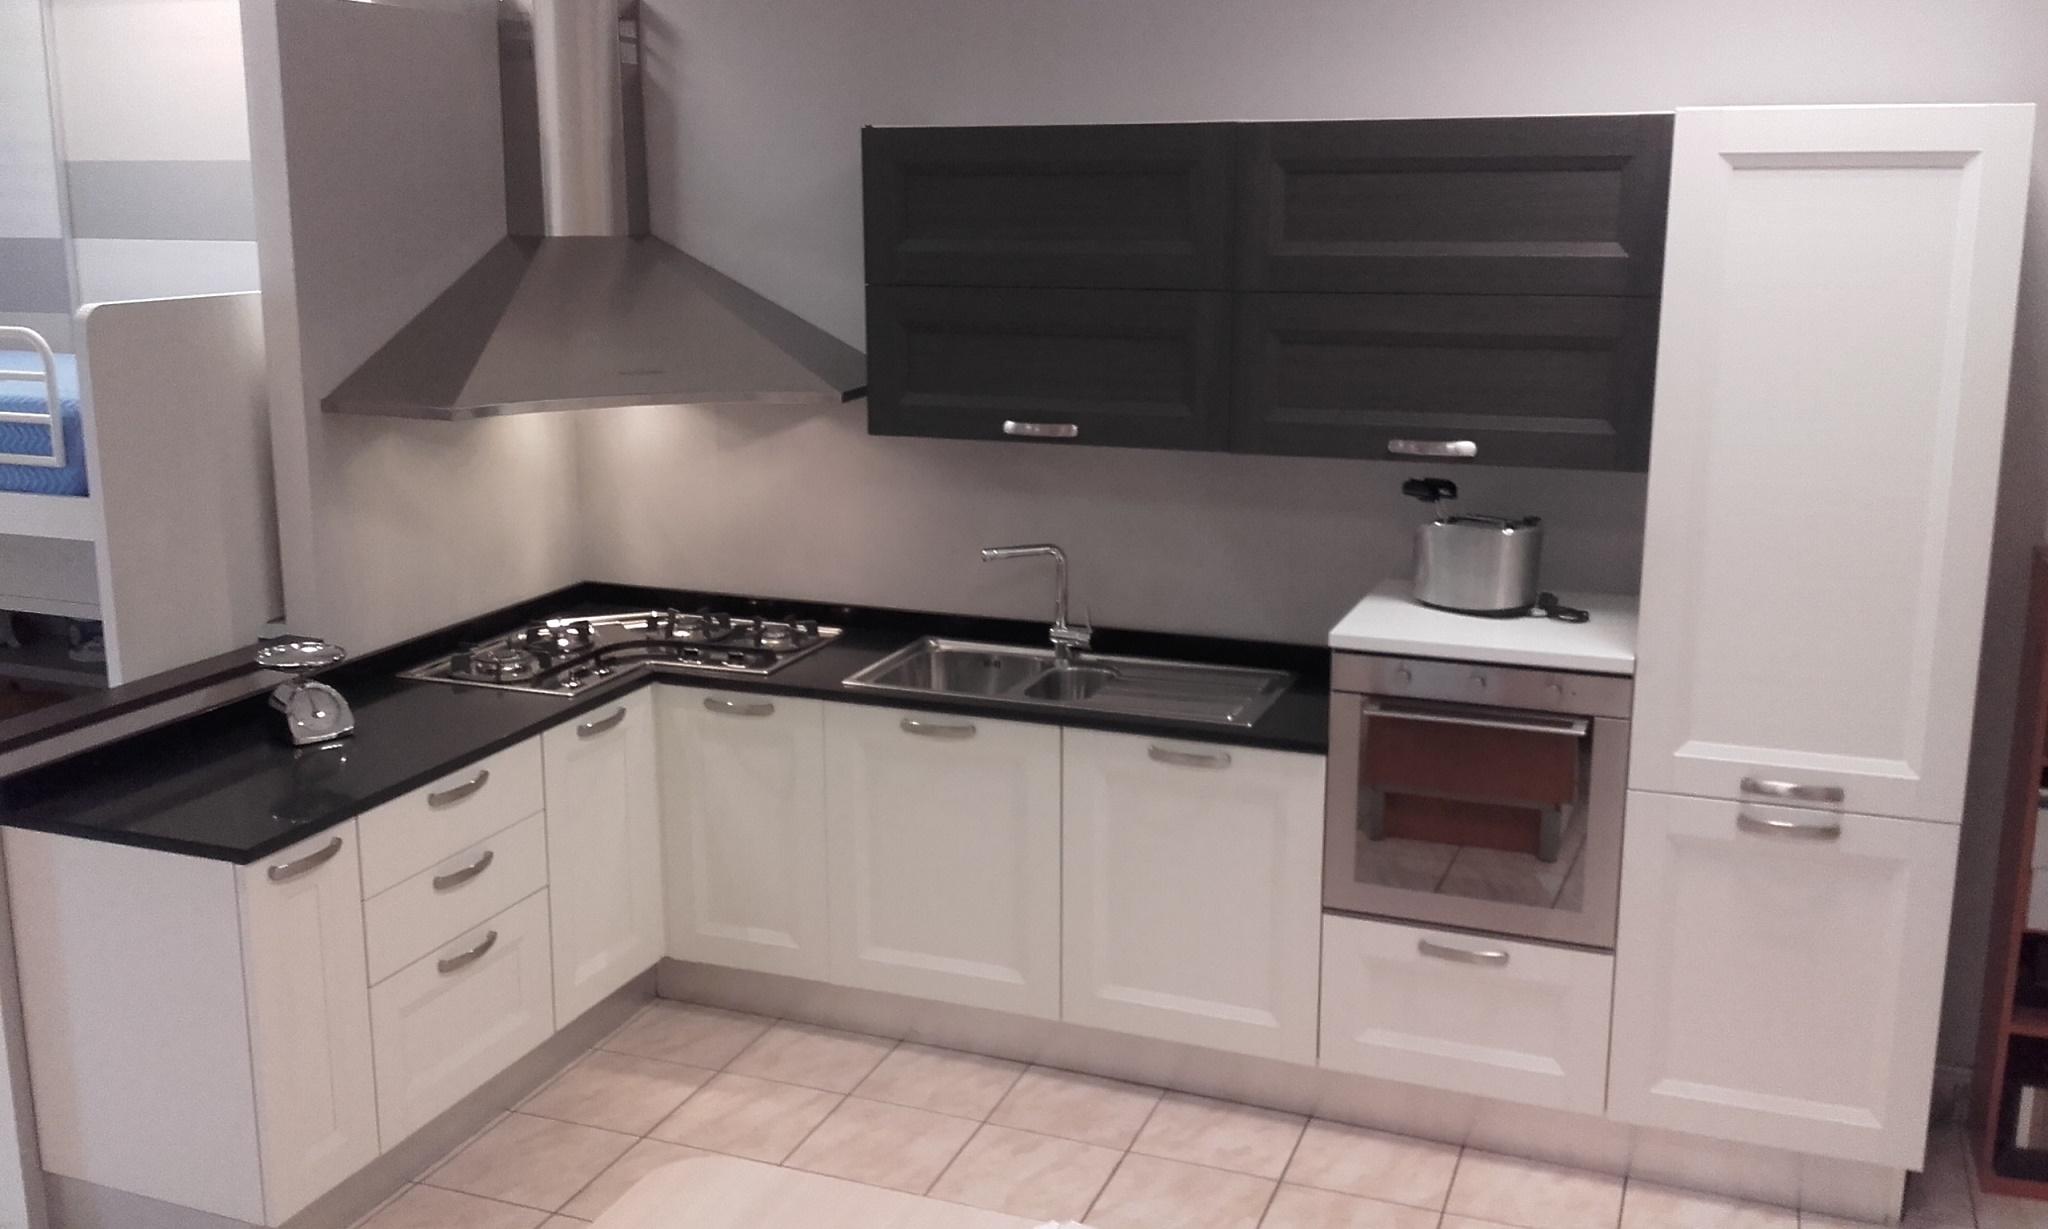 Cucina angolare modello fly di gentili cucine in polimerico a telaio bianco e grigi cucine a - Pensile angolare cucina ...